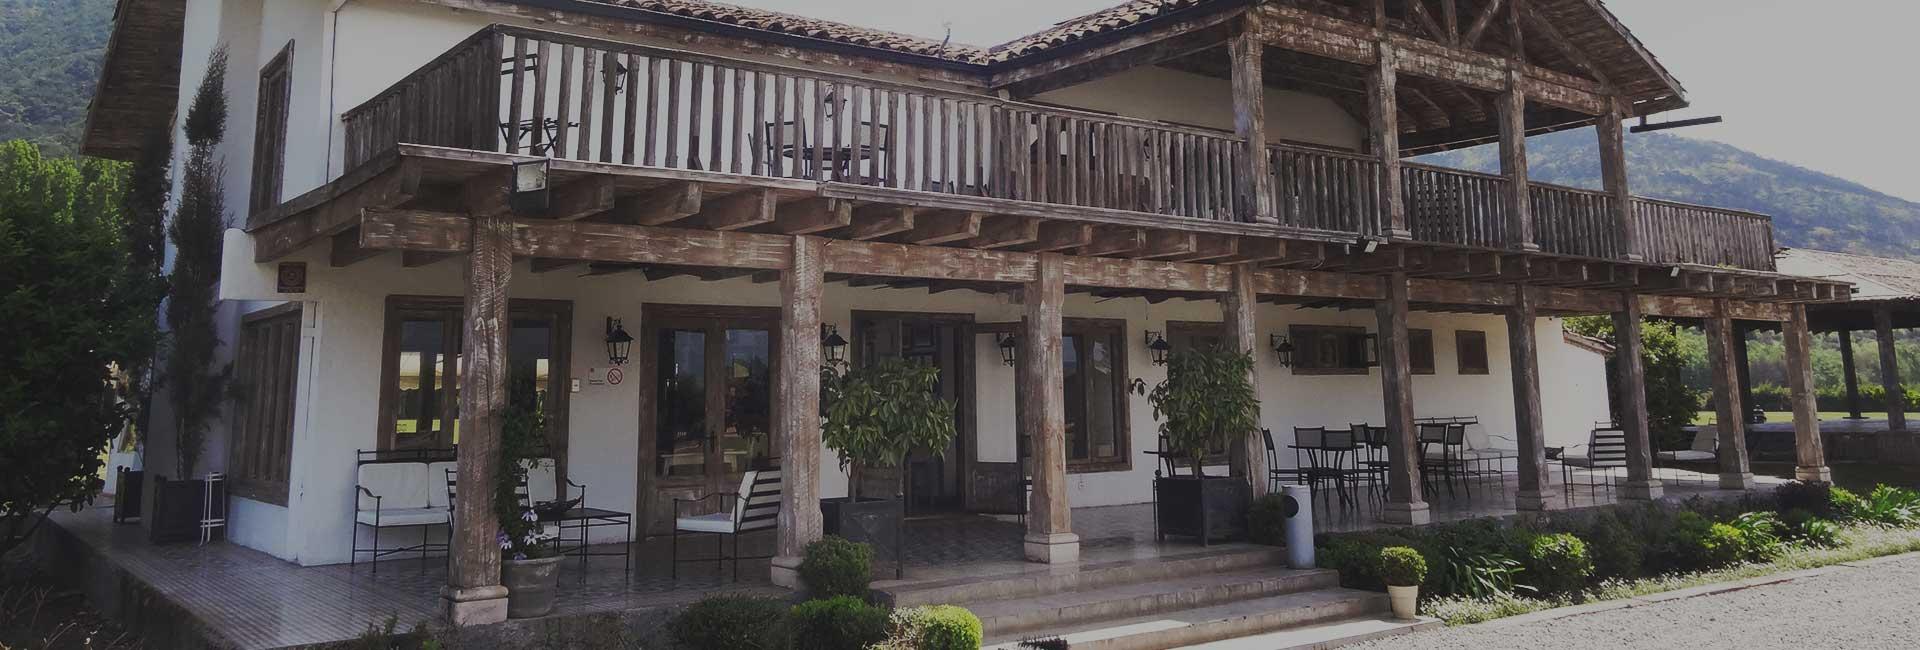 Casa Silva Restaurant Header